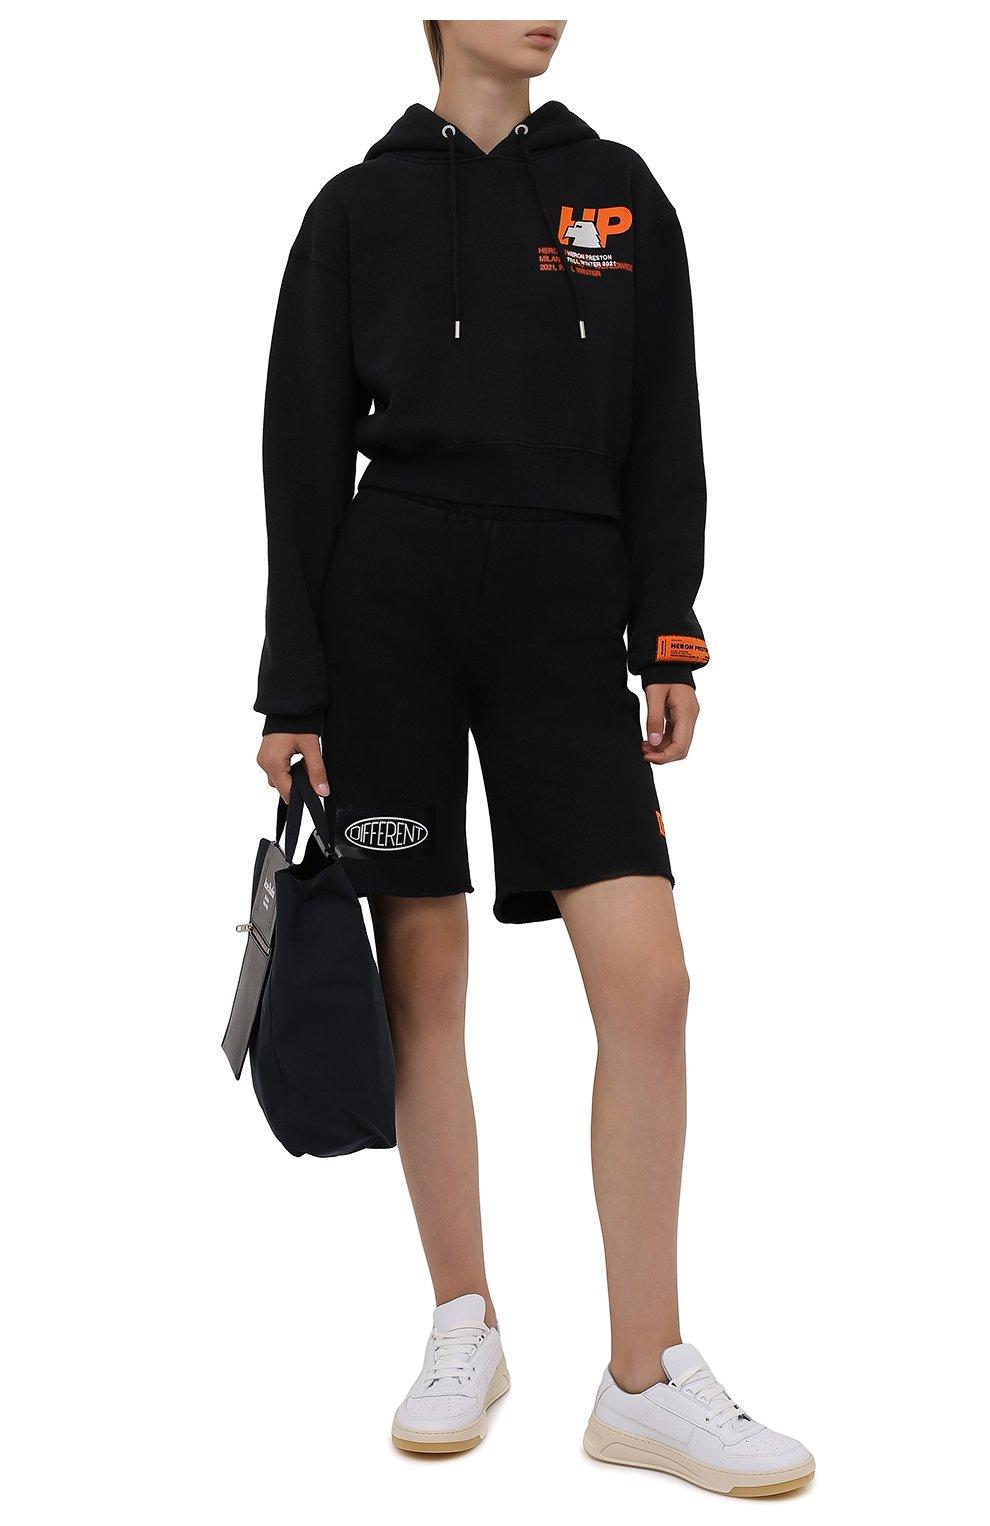 Женские хлопковые шорты HERON PRESTON черного цвета, арт. HWCI002F21JER0011001 | Фото 2 (Женское Кросс-КТ: Шорты-одежда; Длина Ж (юбки, платья, шорты): Мини; Кросс-КТ: Трикотаж; Материал внешний: Хлопок; Стили: Спорт-шик)